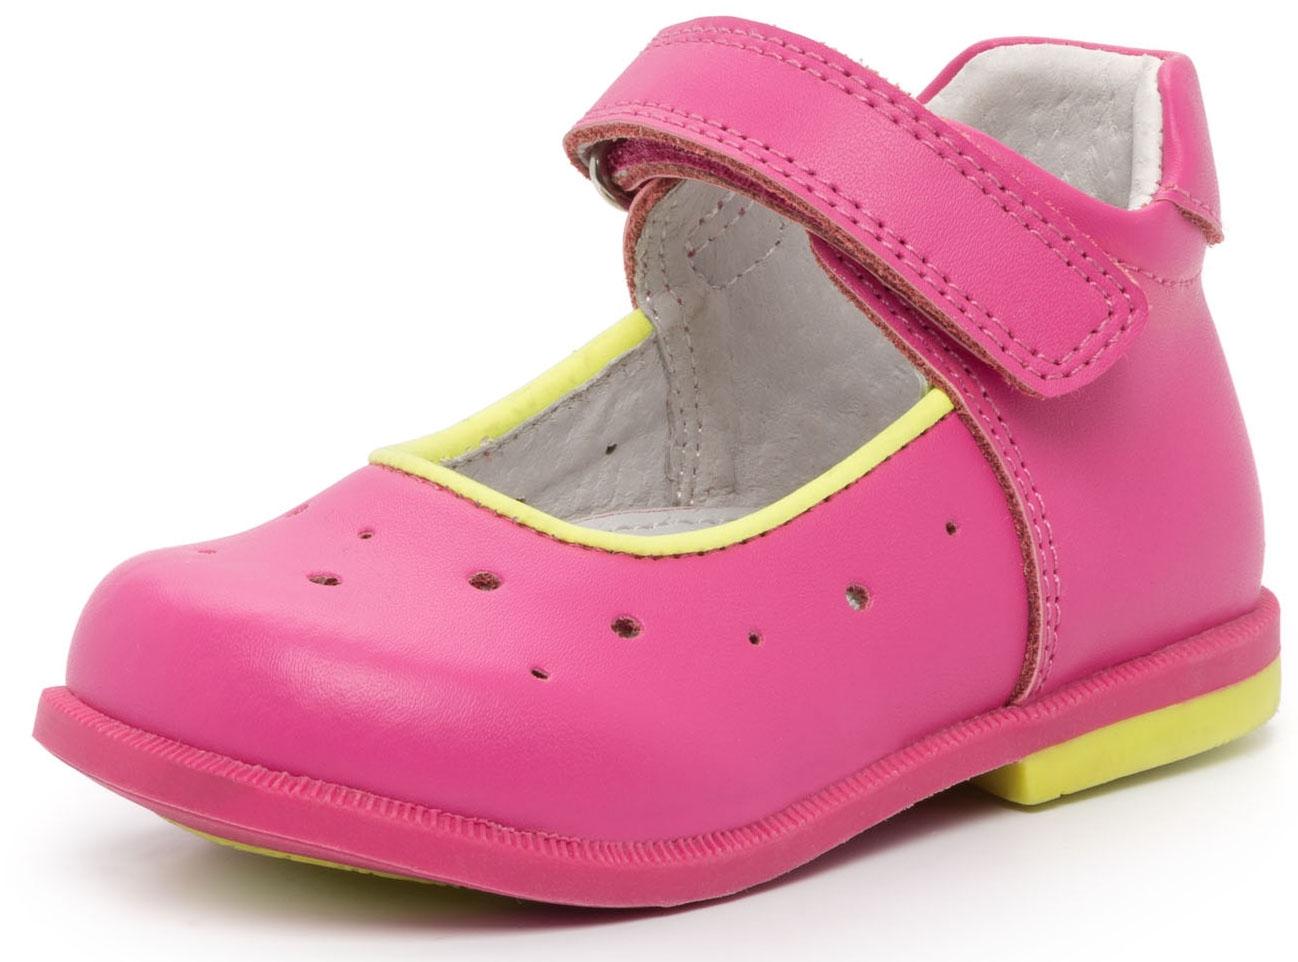 Босоножки Barkito Туфли для девочки Barkito, фуксия с салатовой отделкой цены онлайн